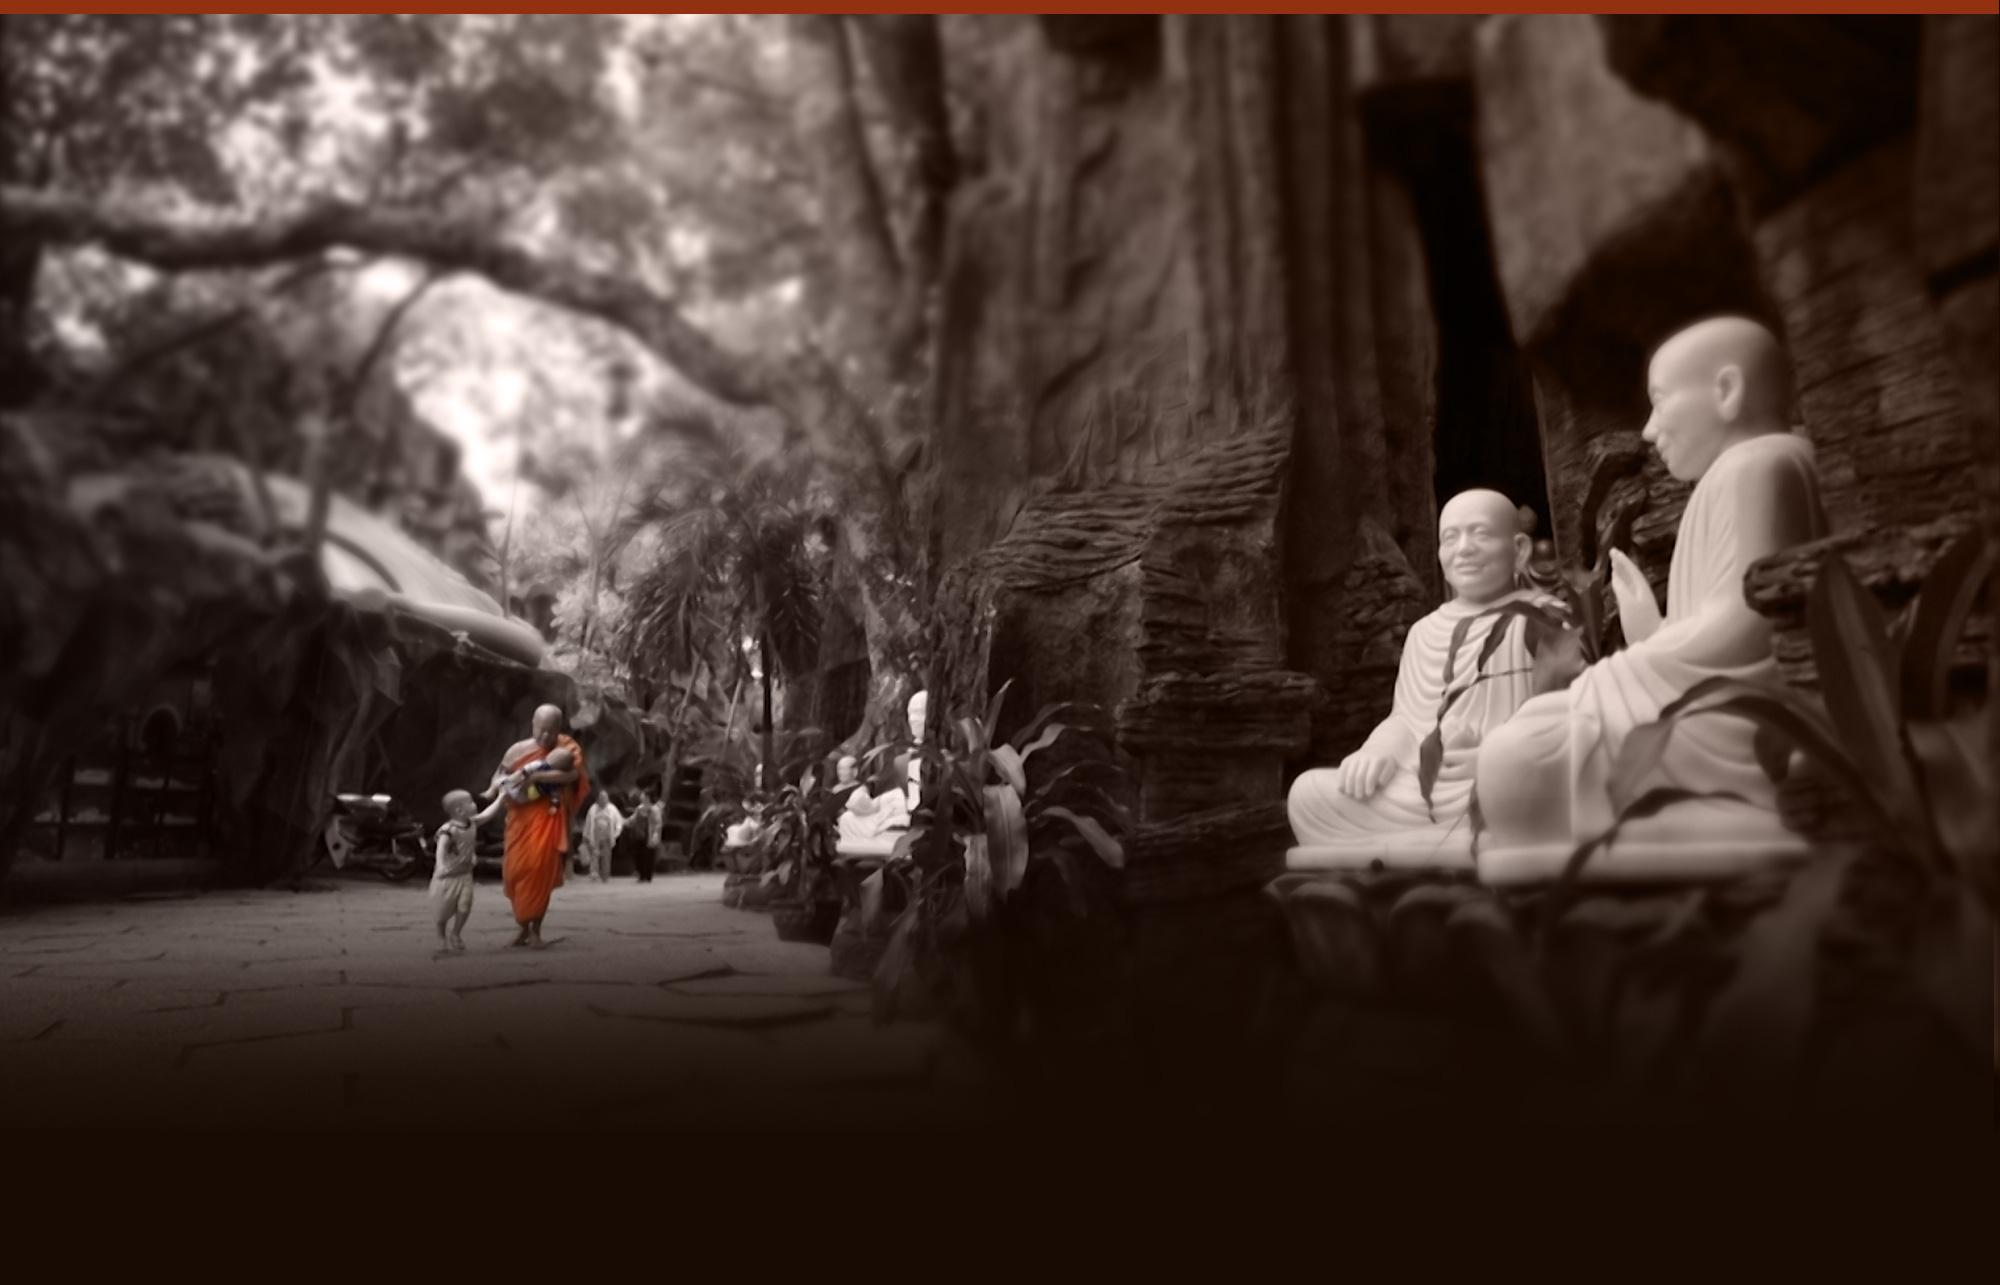 Nơi Phật độ hàng trăm thiên thần - Ảnh 2.